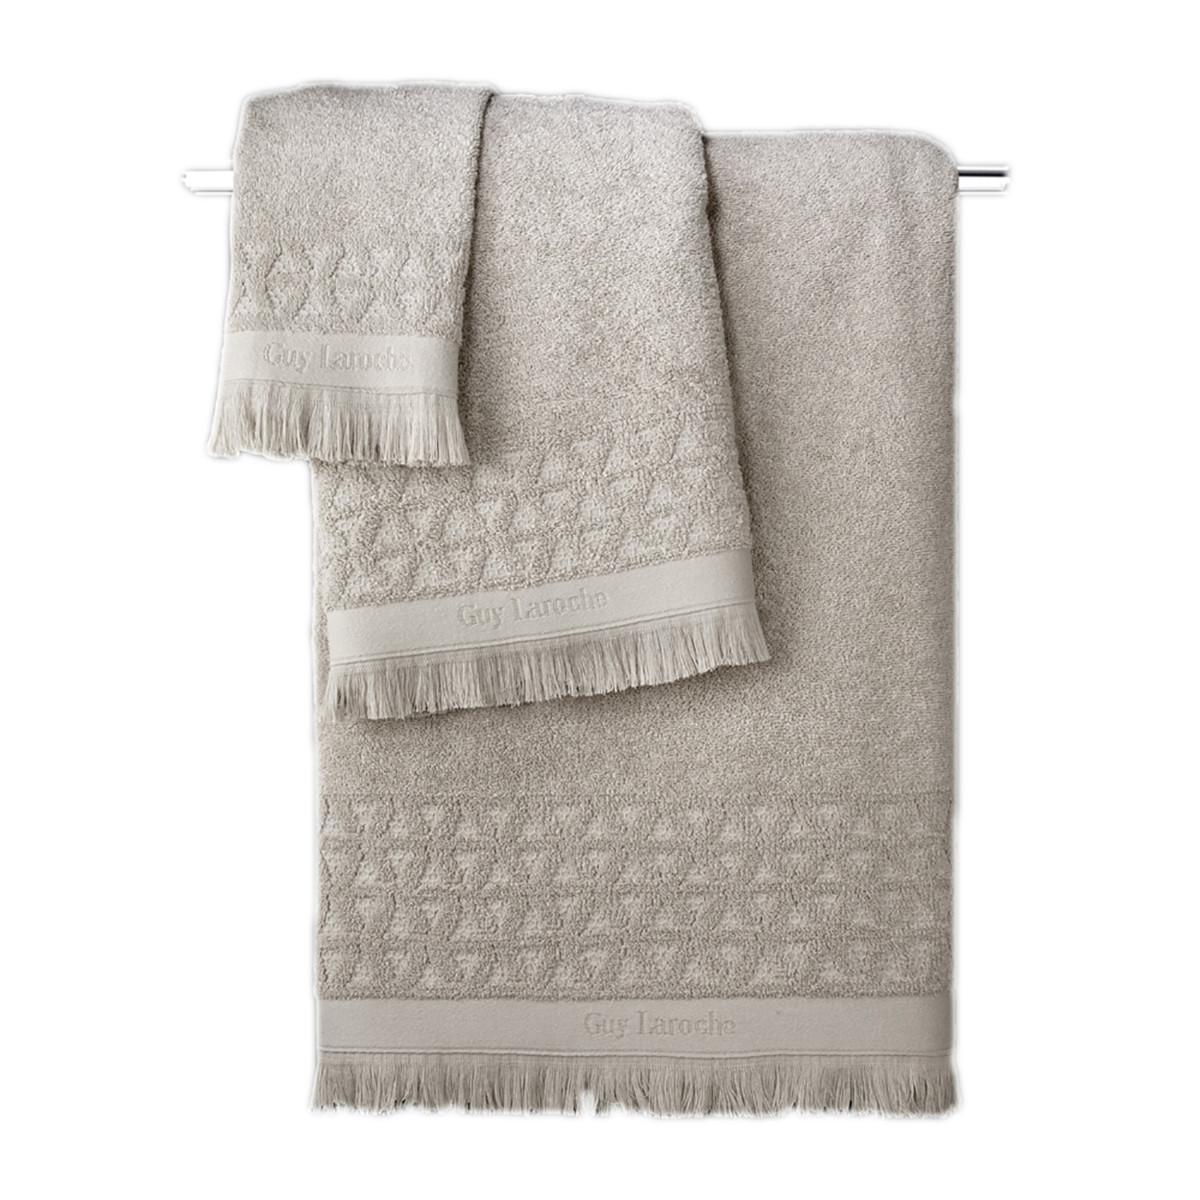 Πετσέτες Μπάνιου (Σετ 3τμχ) Guy Laroche Vergo Natural